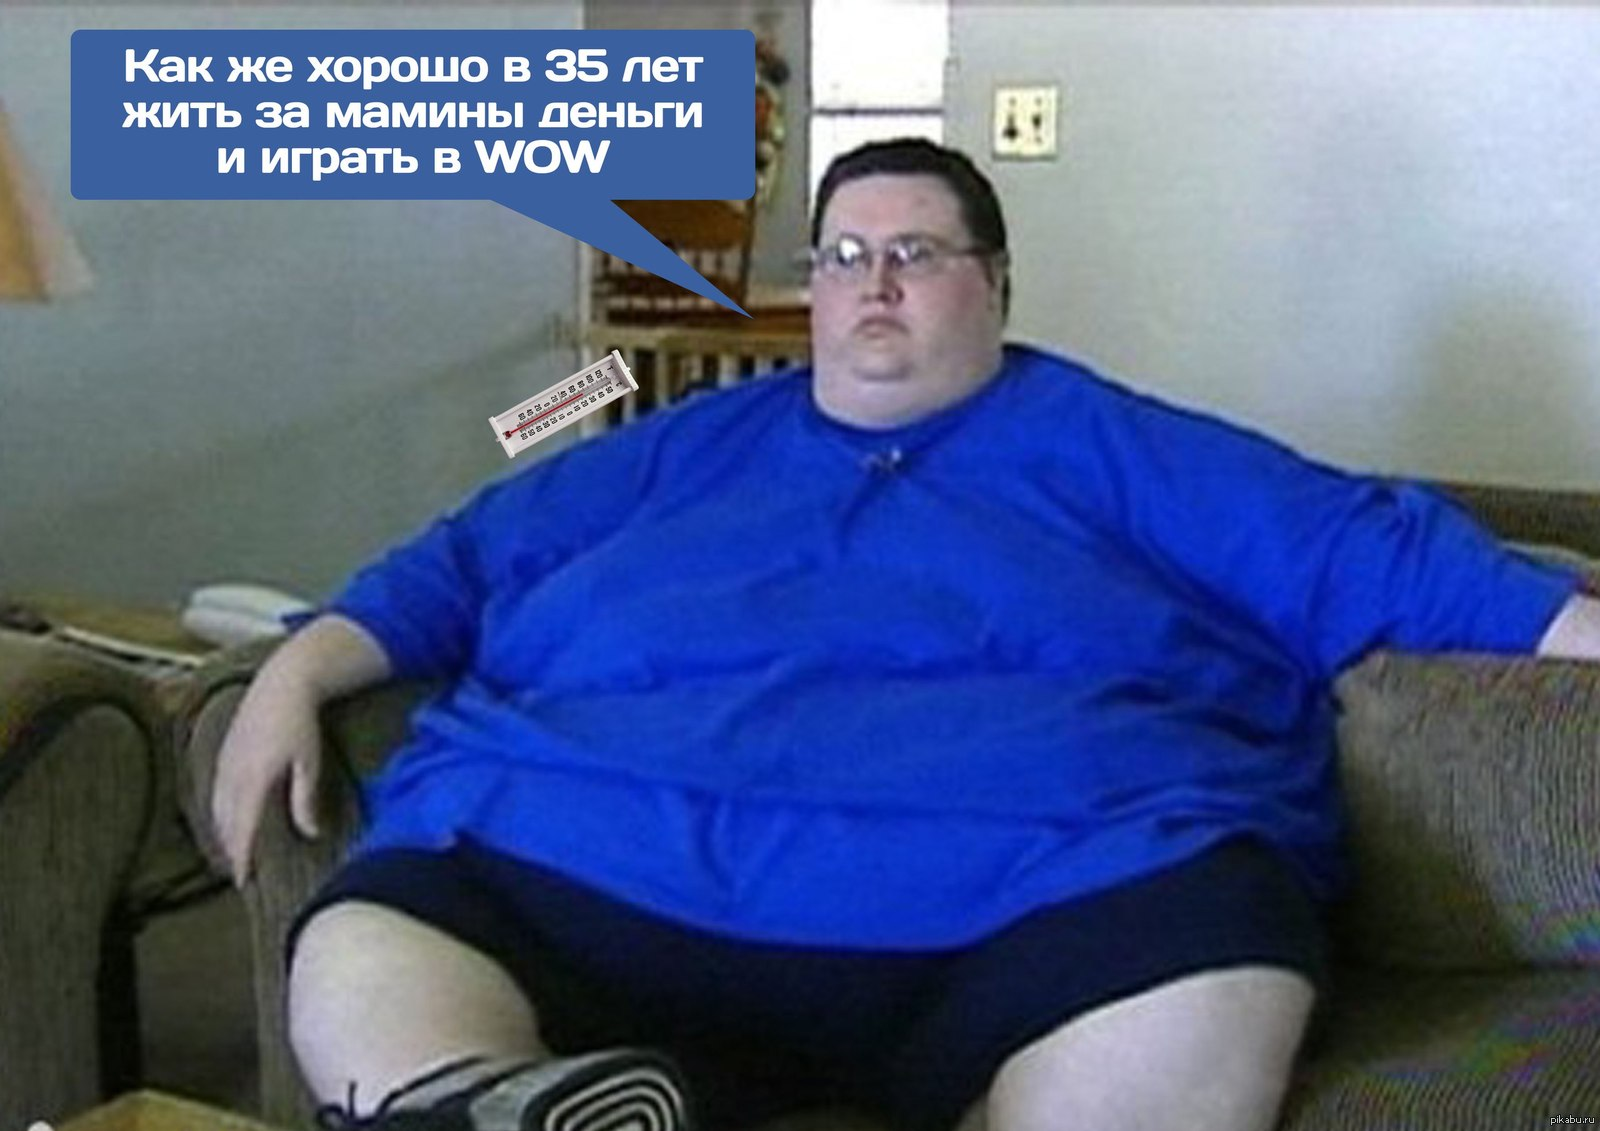 Толстая и сын ебется, Порно: жирная мама и сын занимаются сексом в комнате 11 фотография